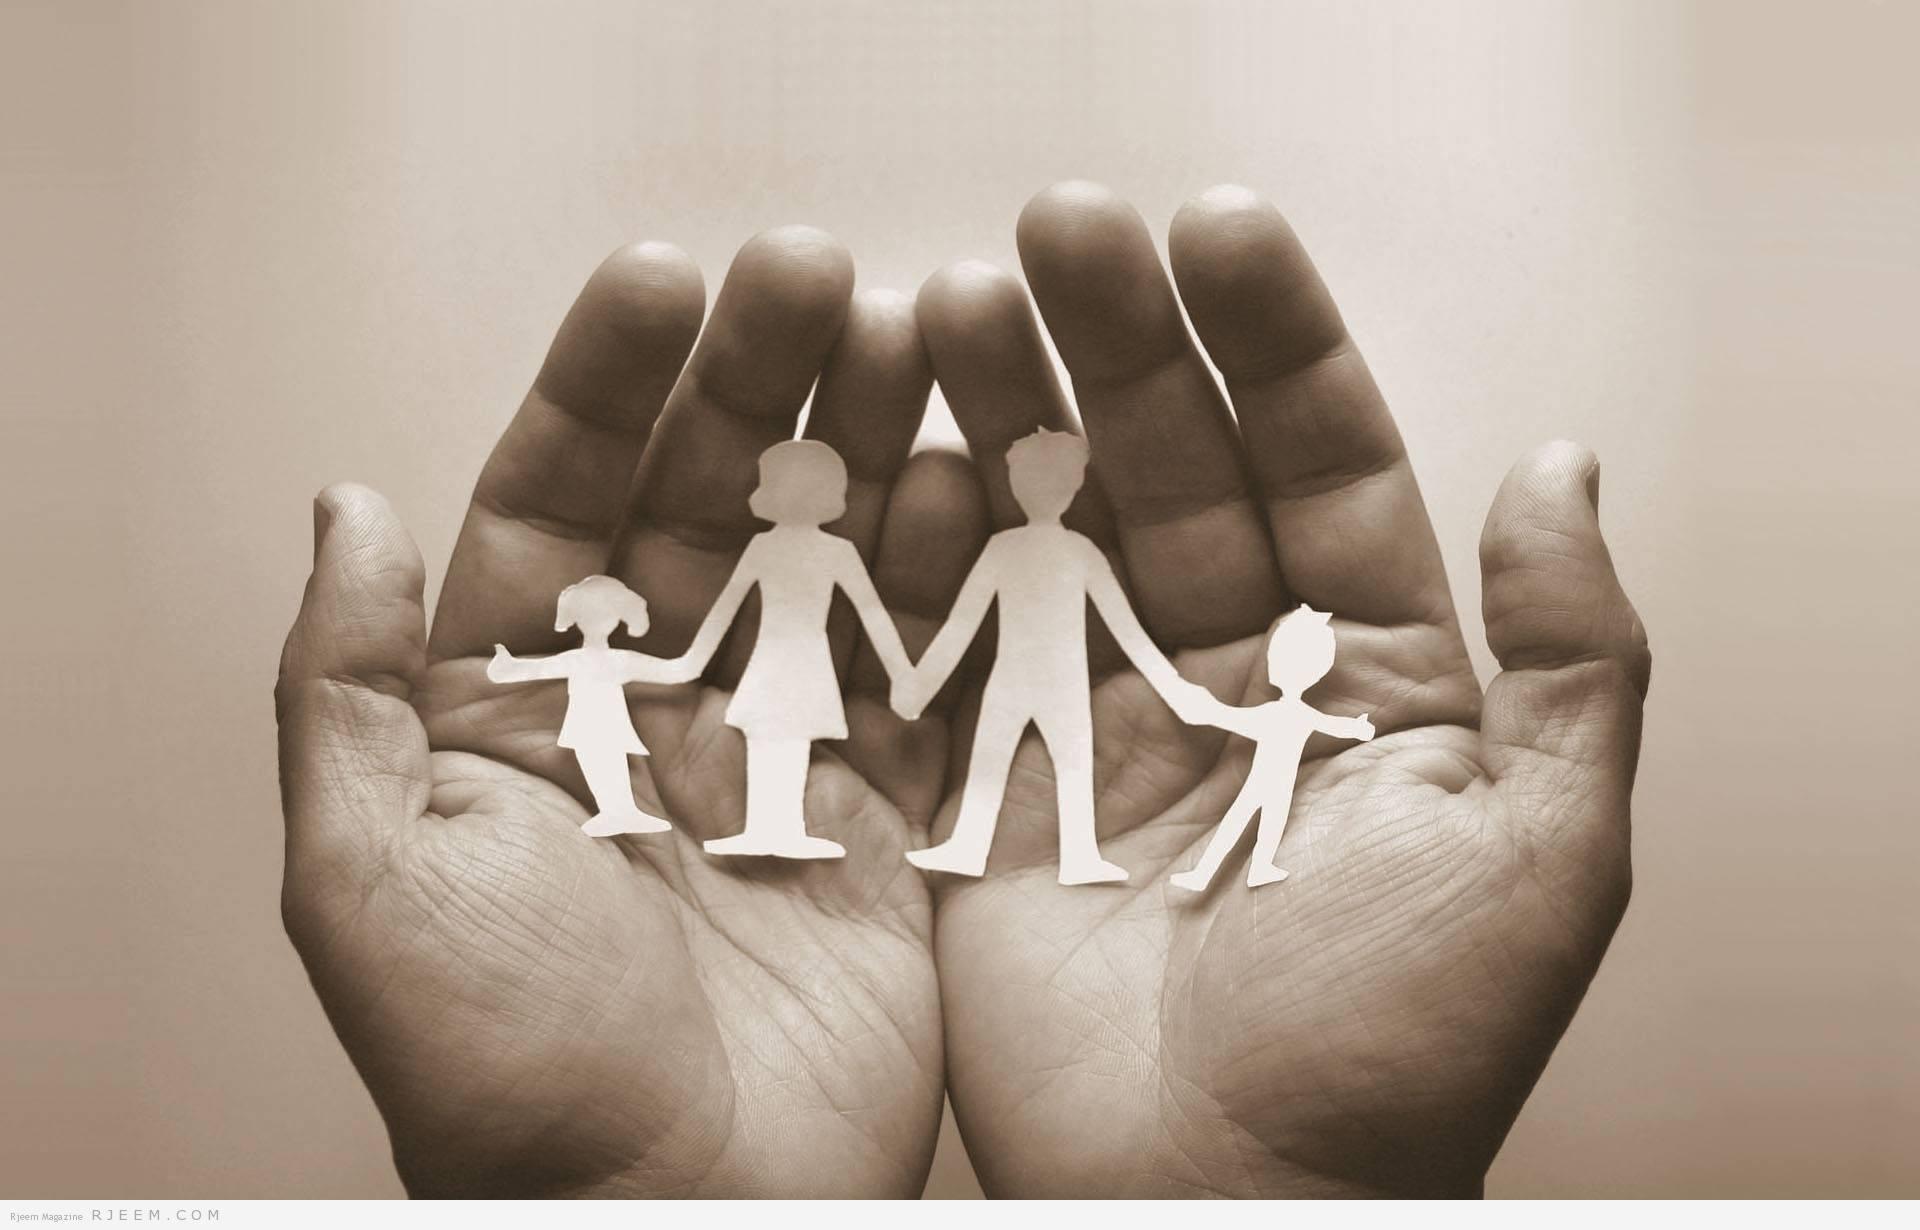 في تقرير لجنة الحريات والمساواة: إلغاء نظام رئاسة الزوج للعائلة